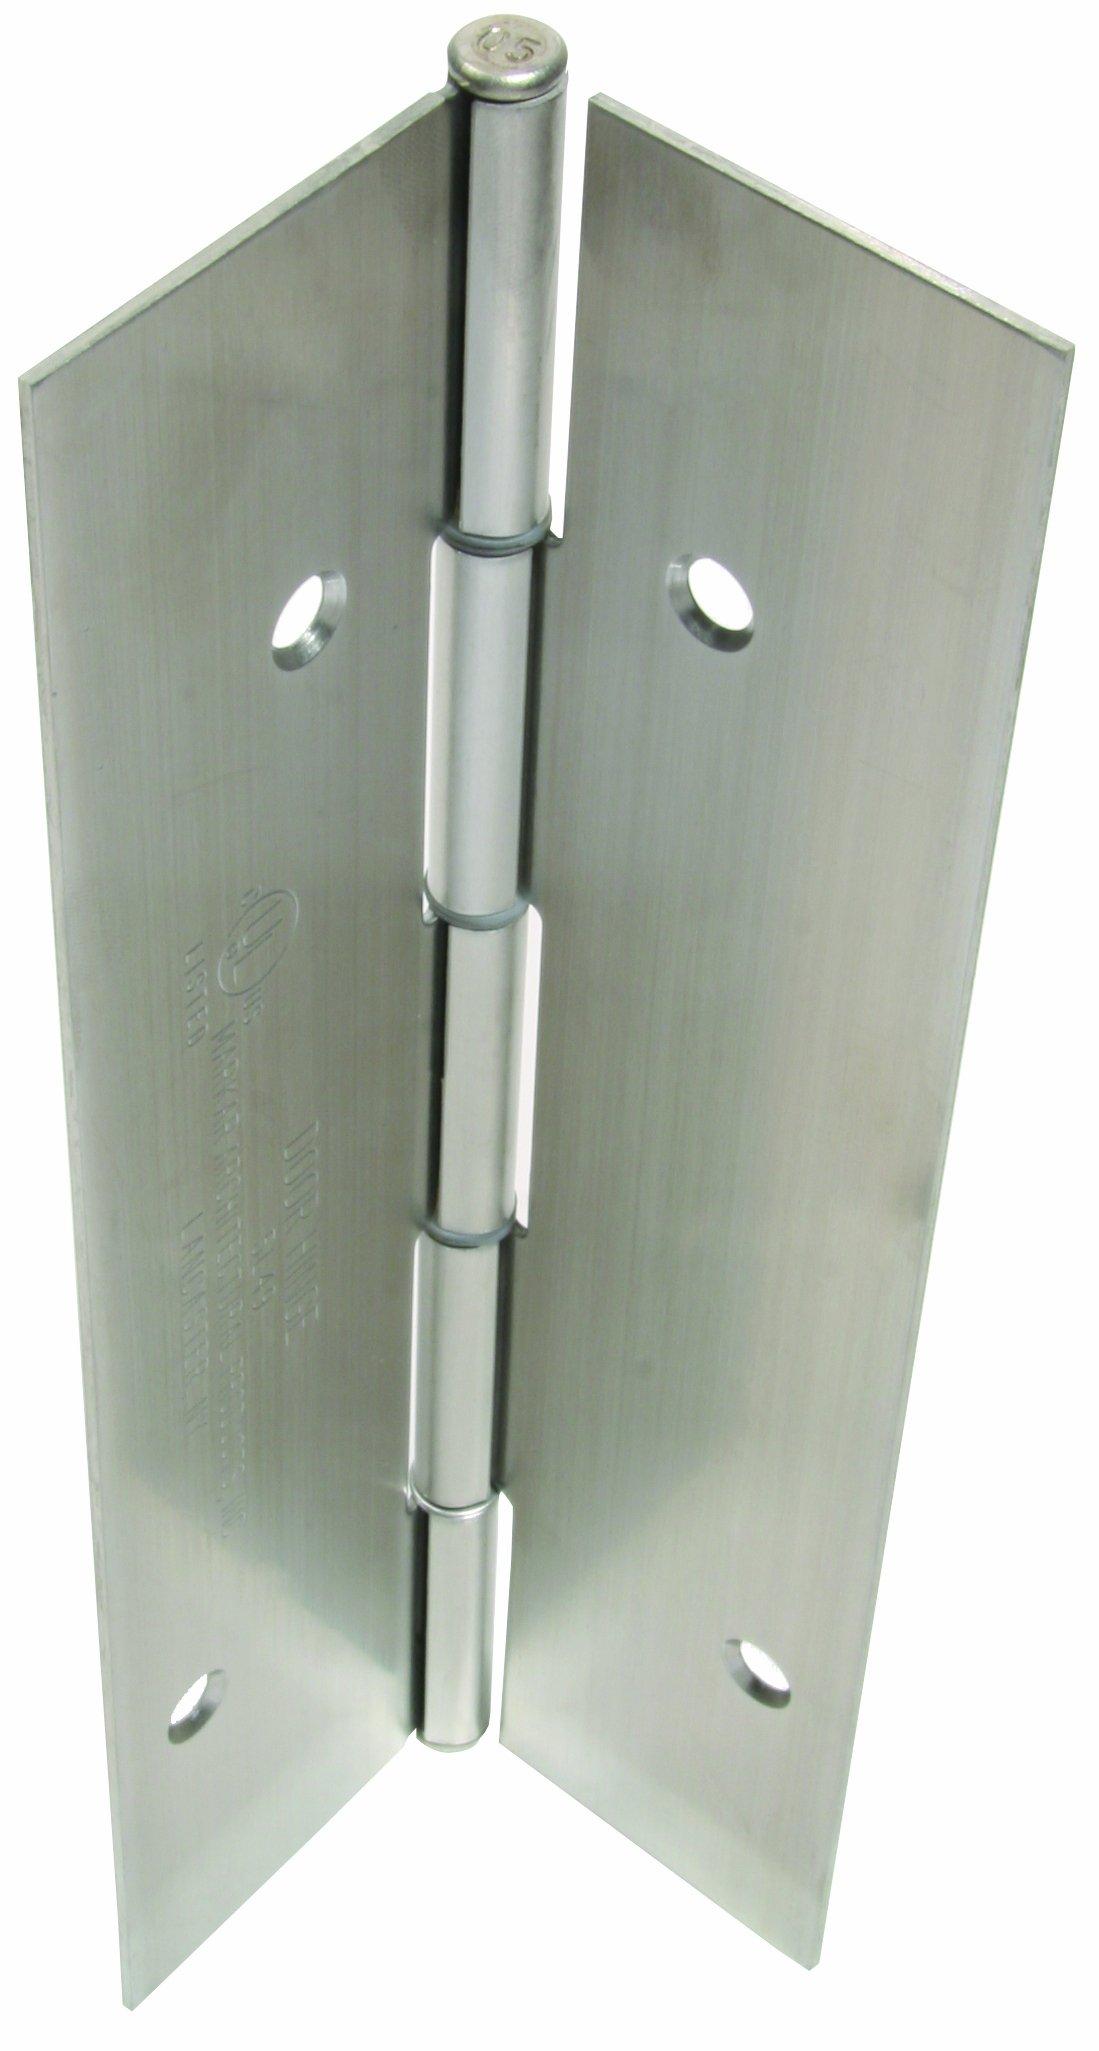 Markar Full Mortise Heavy Duty Satin Stainless Steel Edge Mounted Hinge, 83.125'' Length